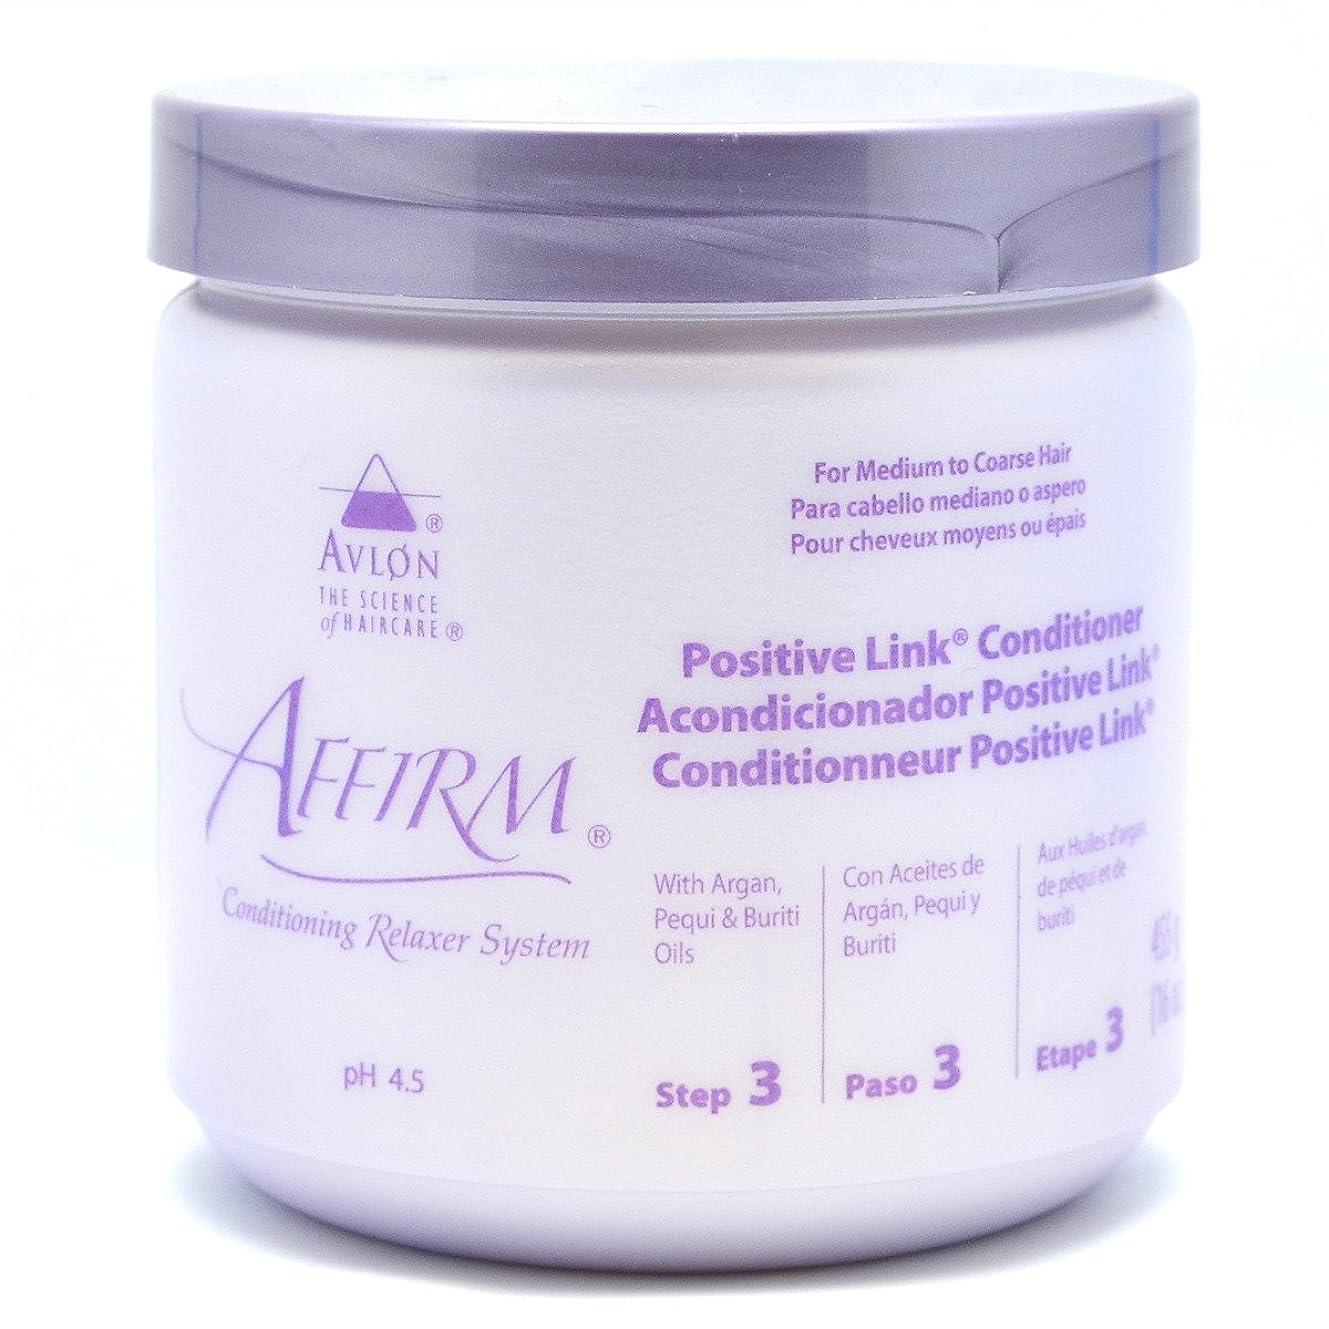 再生女性ゲインセイAffirm Positive Link Conditioner by Avlon, 16 Ounce by Avlon